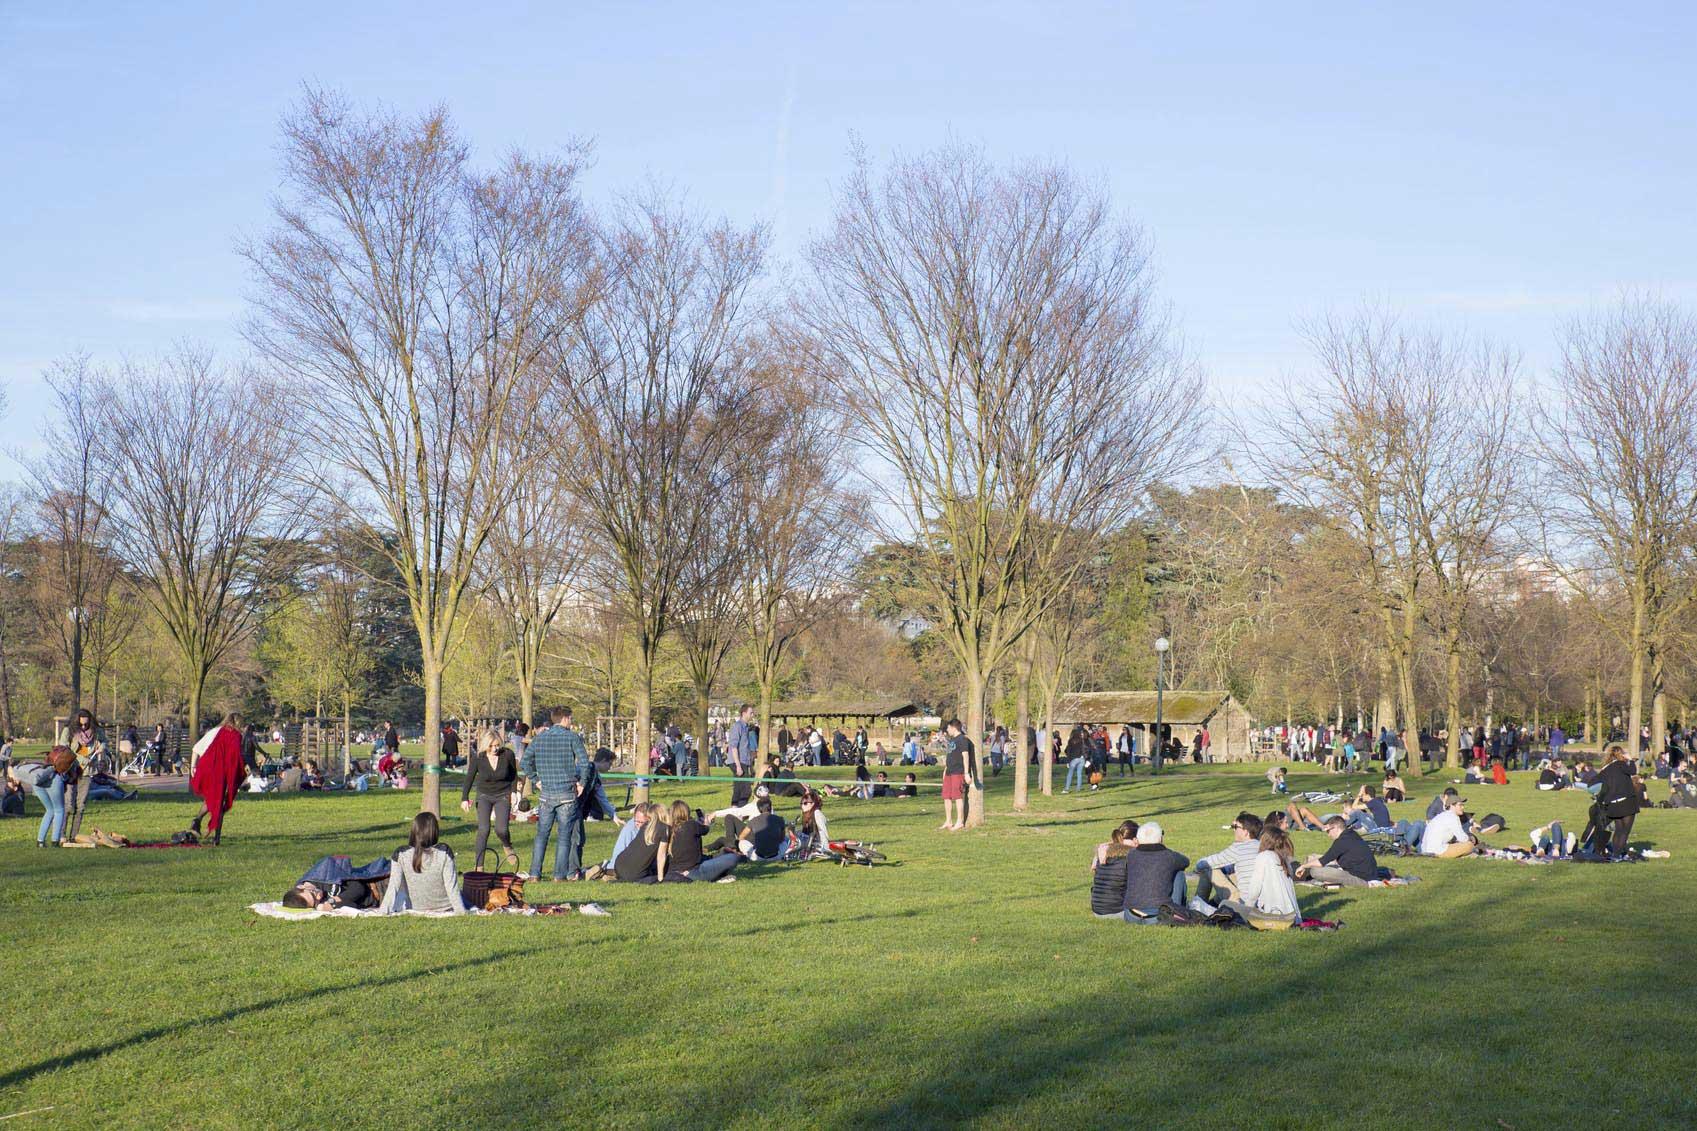 De nombreuses personnes se détendent dans l'herbe du parc de la Tête d'Or